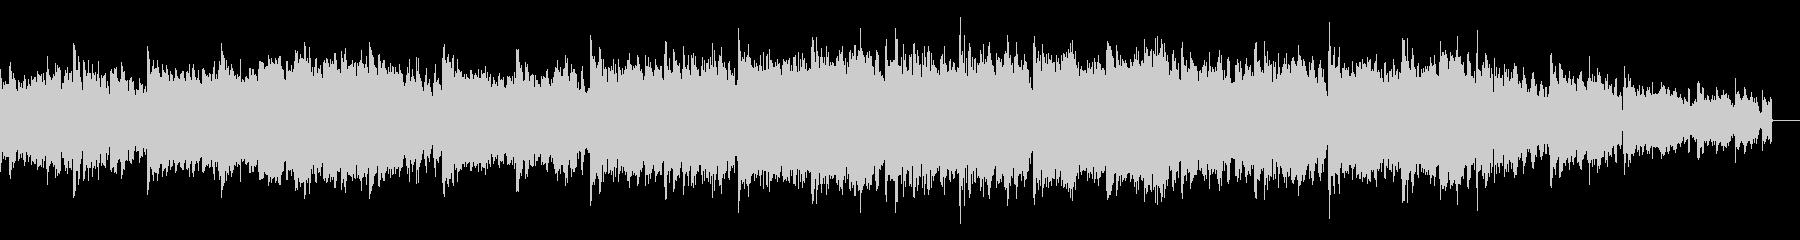 デジノイズによるグリッジエレクトロニカの未再生の波形